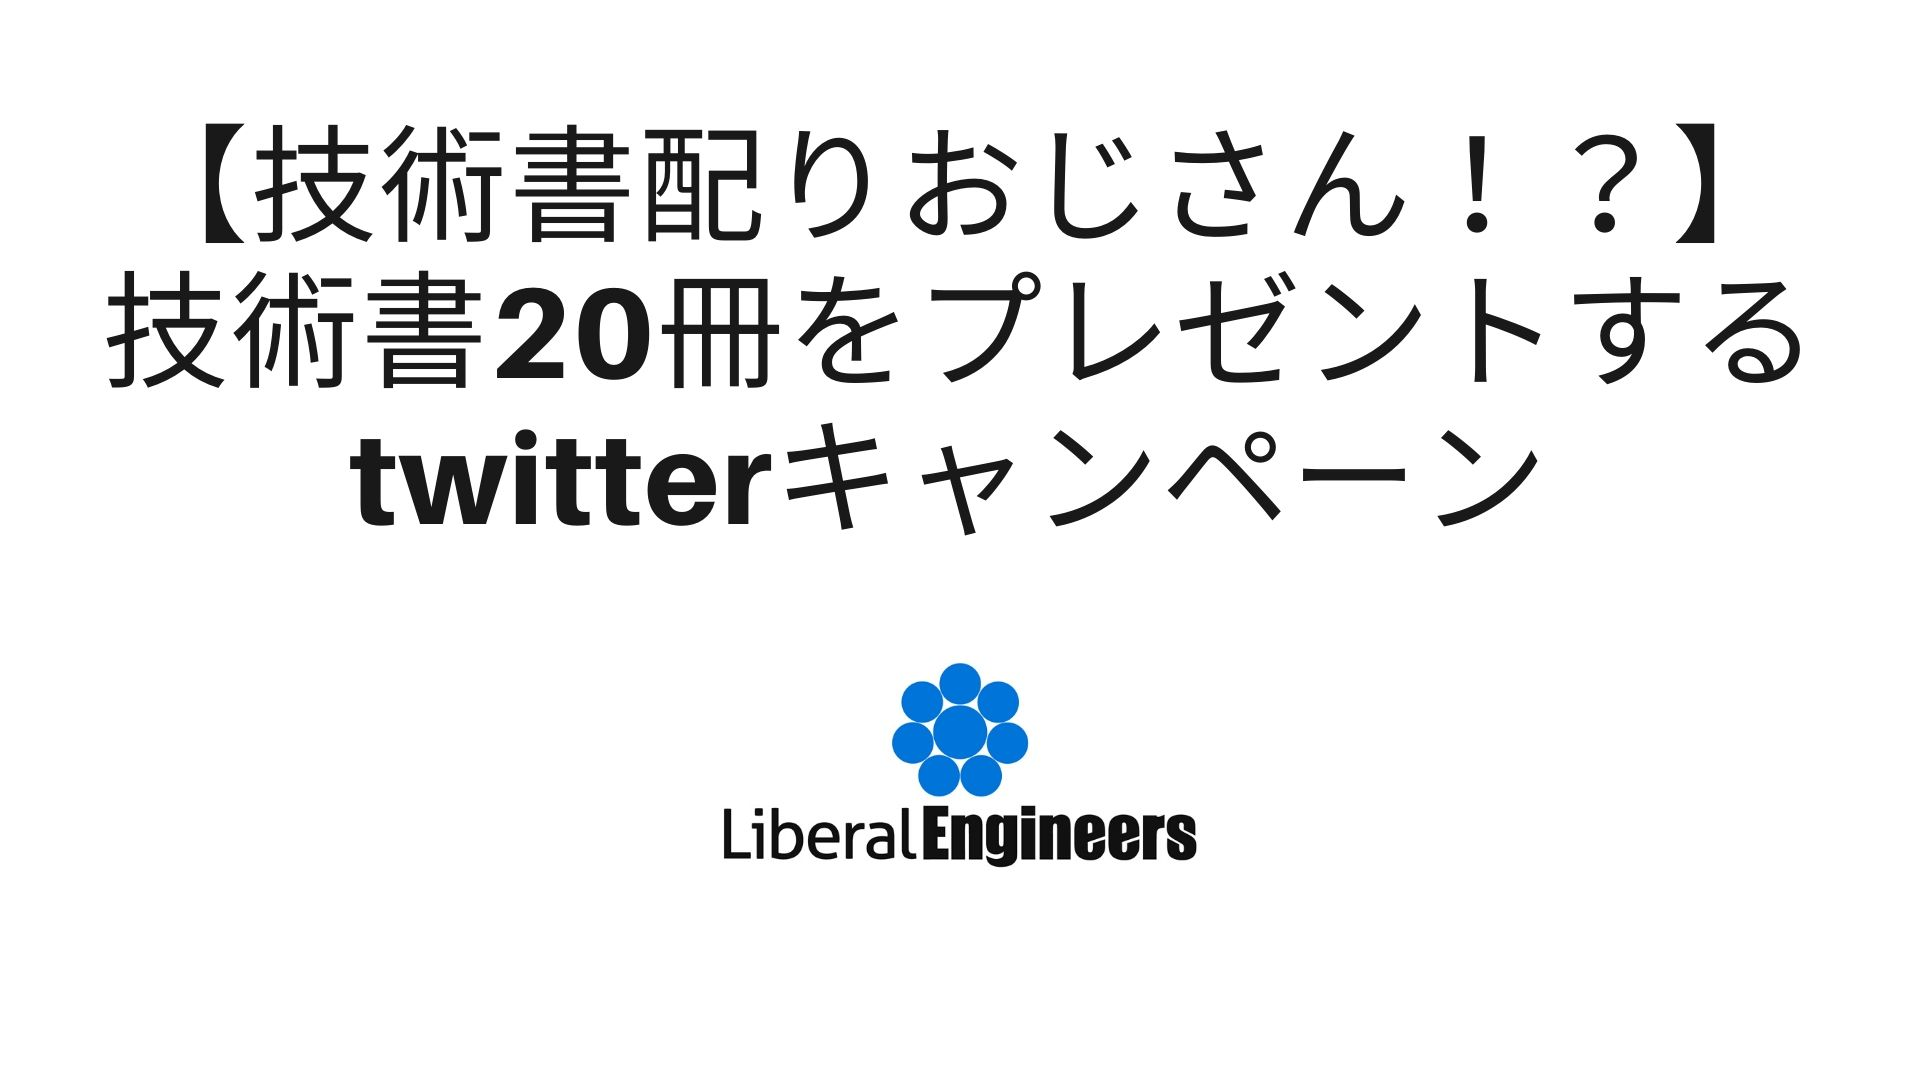 【技術書配りおじさん!?】システムエンジニアの自己学習を応援!技術書20冊をプレゼントするtwitterキャンペーンを毎月開催